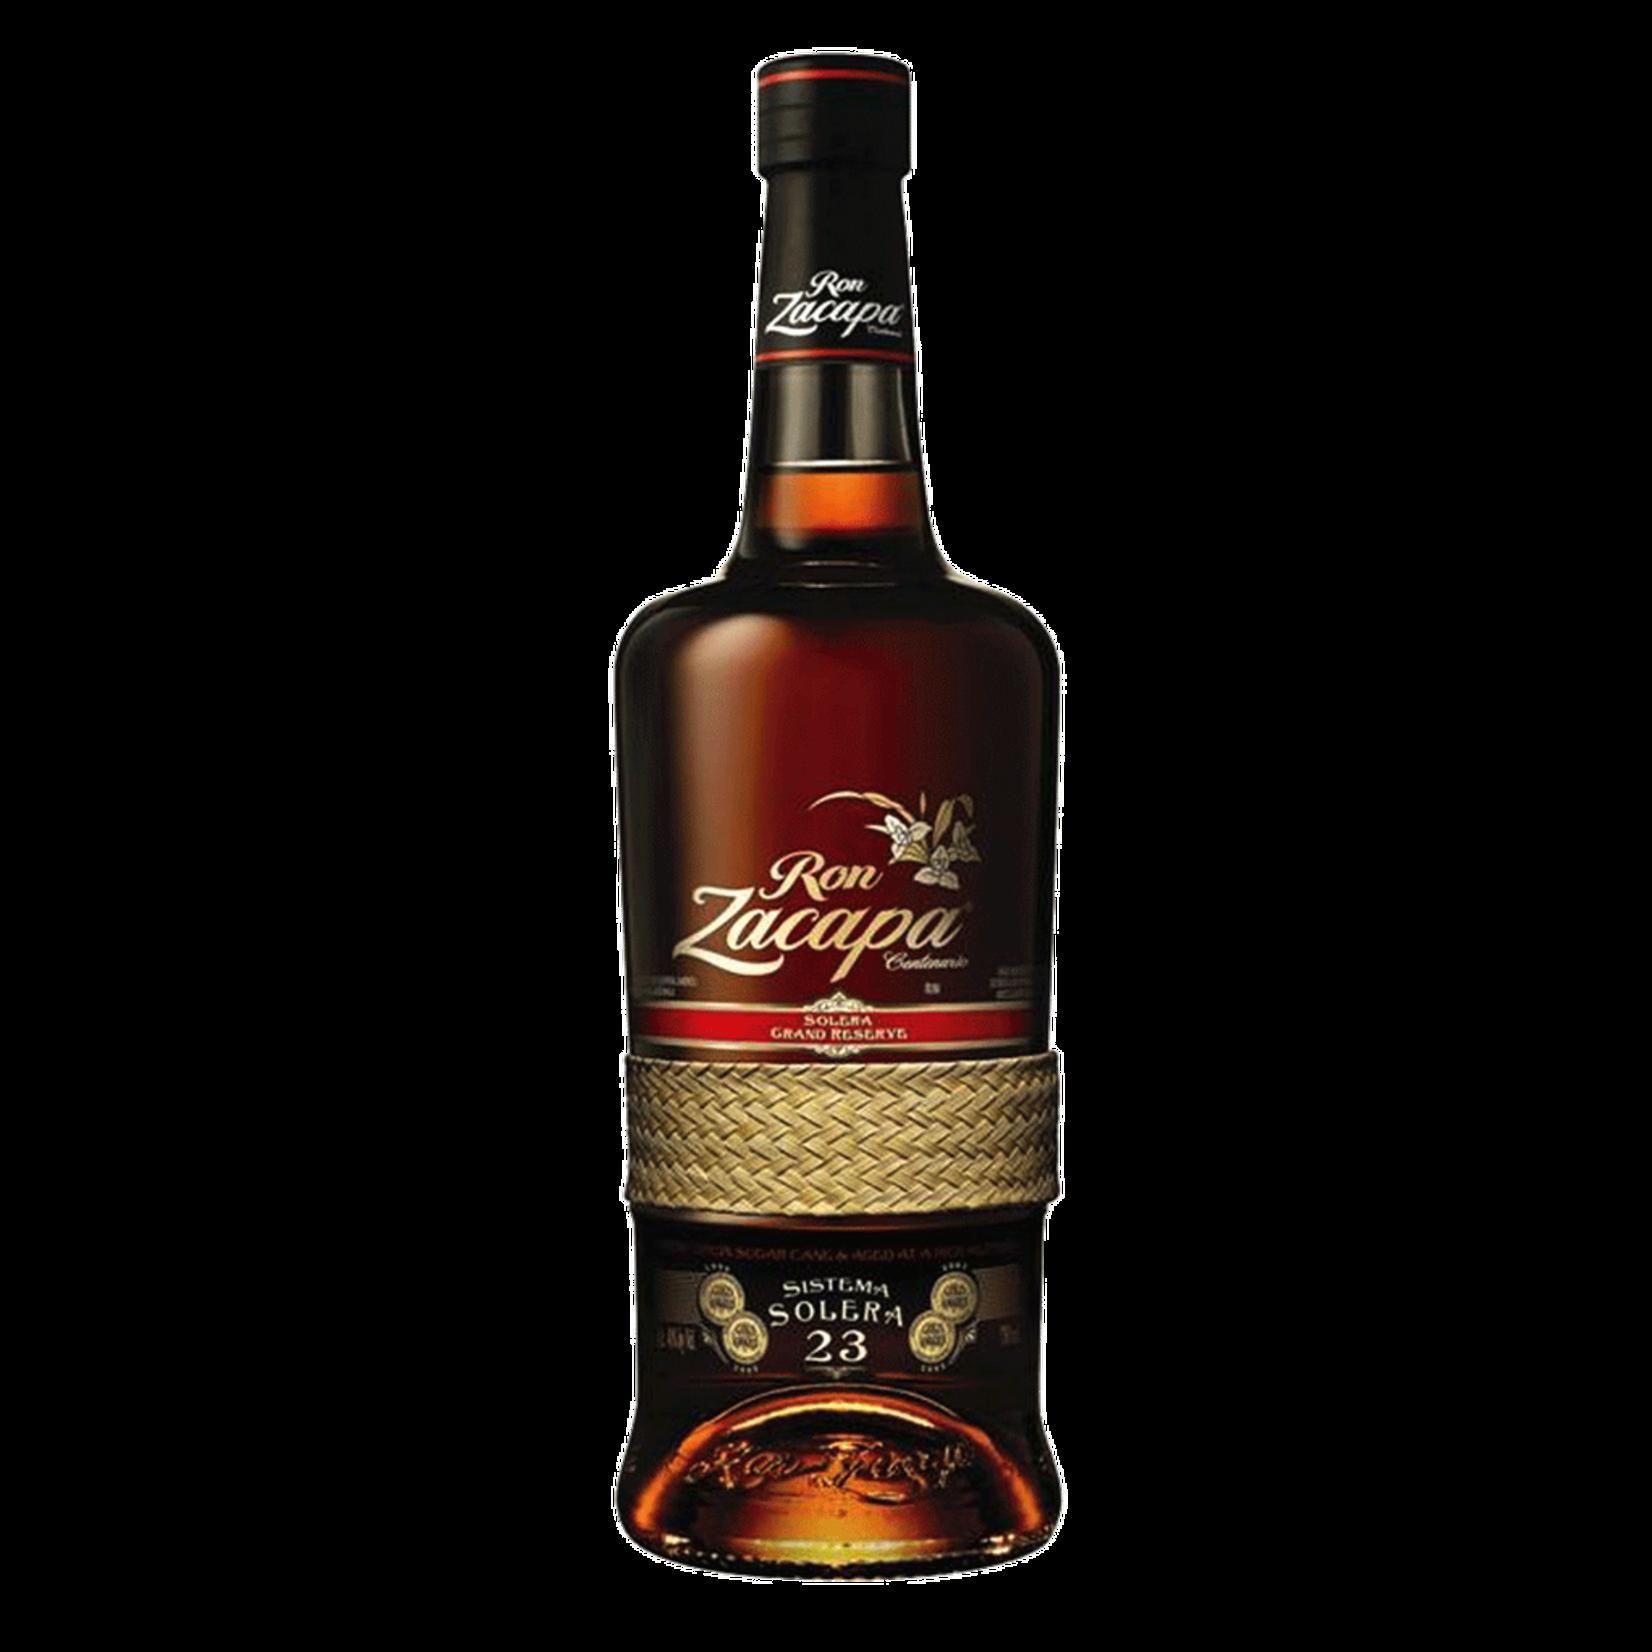 Spirits Ron Zacapa Centenario 23 Year Solera Rum